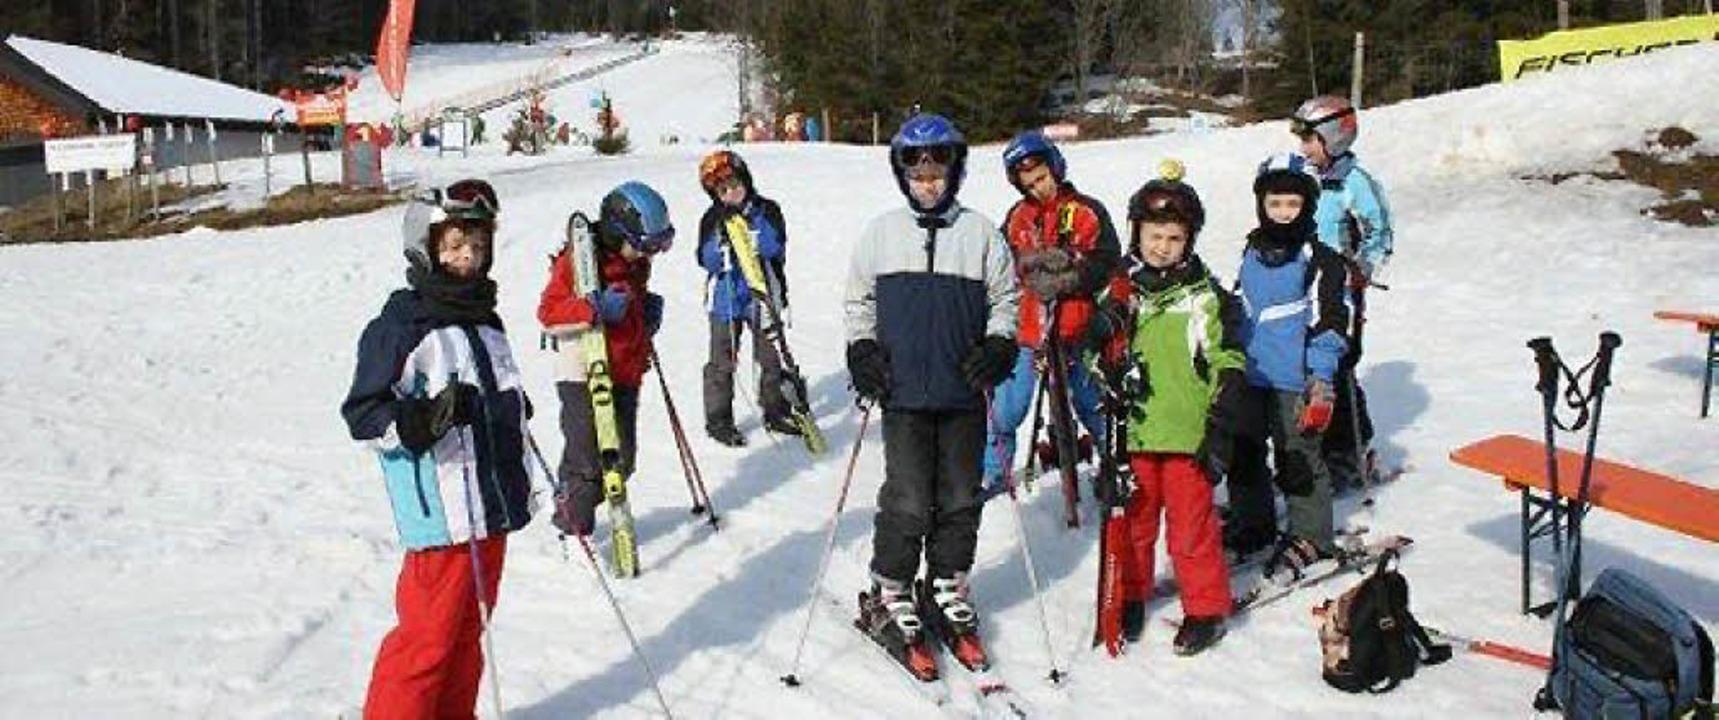 Alles bestens gelaufen ist am Wintersp...andschule: Schnee, Rodel und Ski gut.     Foto: Privat